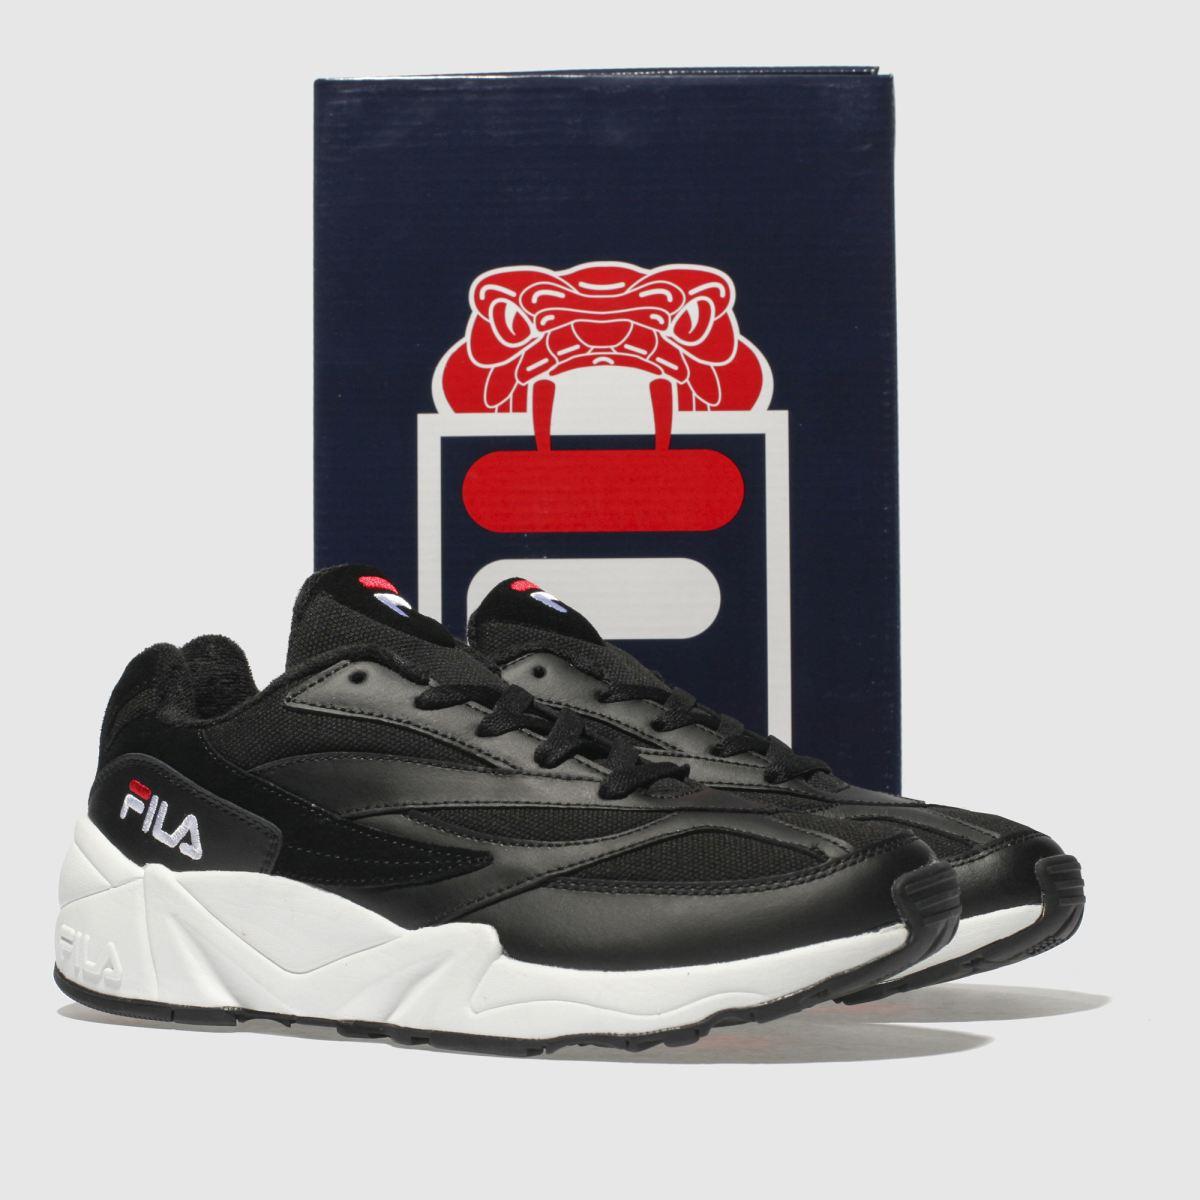 Damen Schwarz-weiß | fila Venom Low Sneaker | Schwarz-weiß schuh Gute Qualität beliebte Schuhe 2126cb